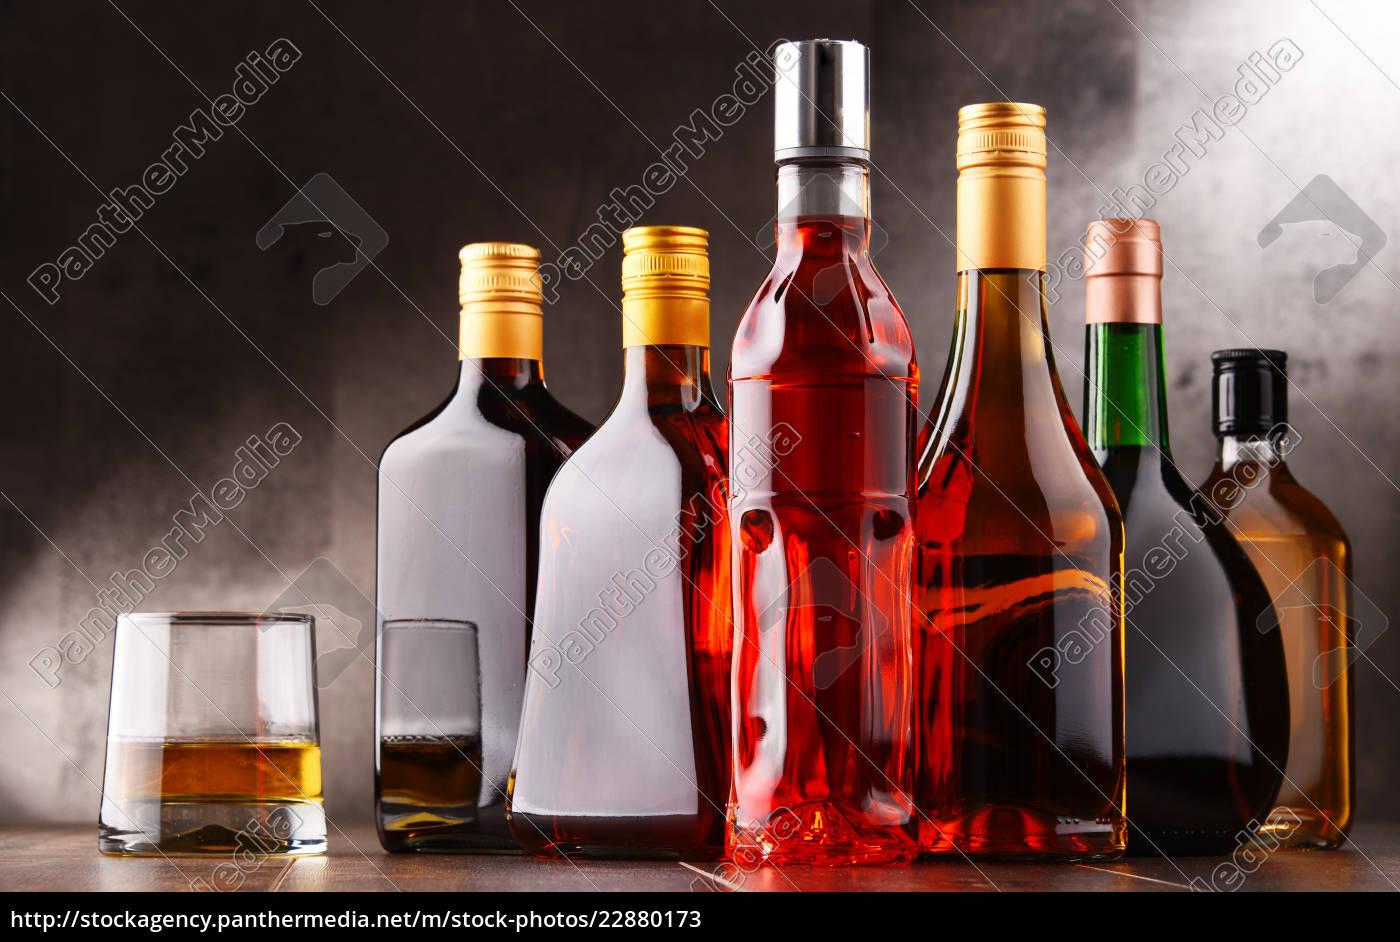 glas und flaschen sortierte alkoholische getränke. - Lizenzfreies ...